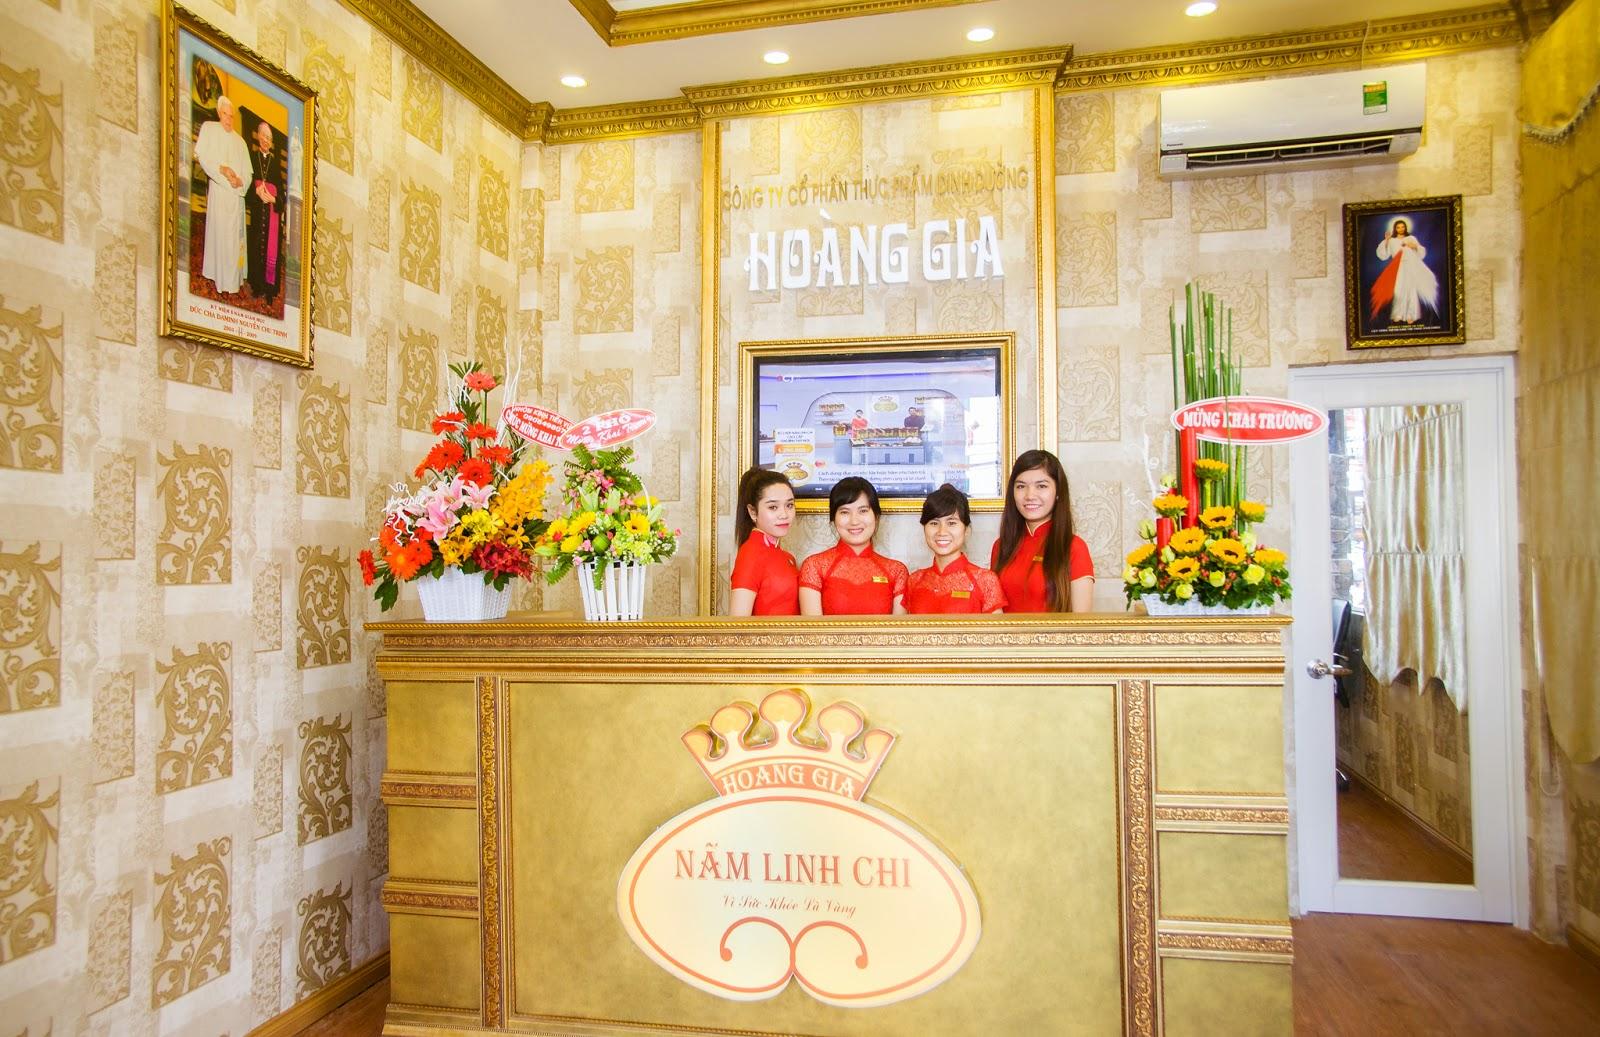 showroom nấm linh chi Hoàng Gia tại số 63 đường 3-2, P.11, Q.10, Tp.HCM